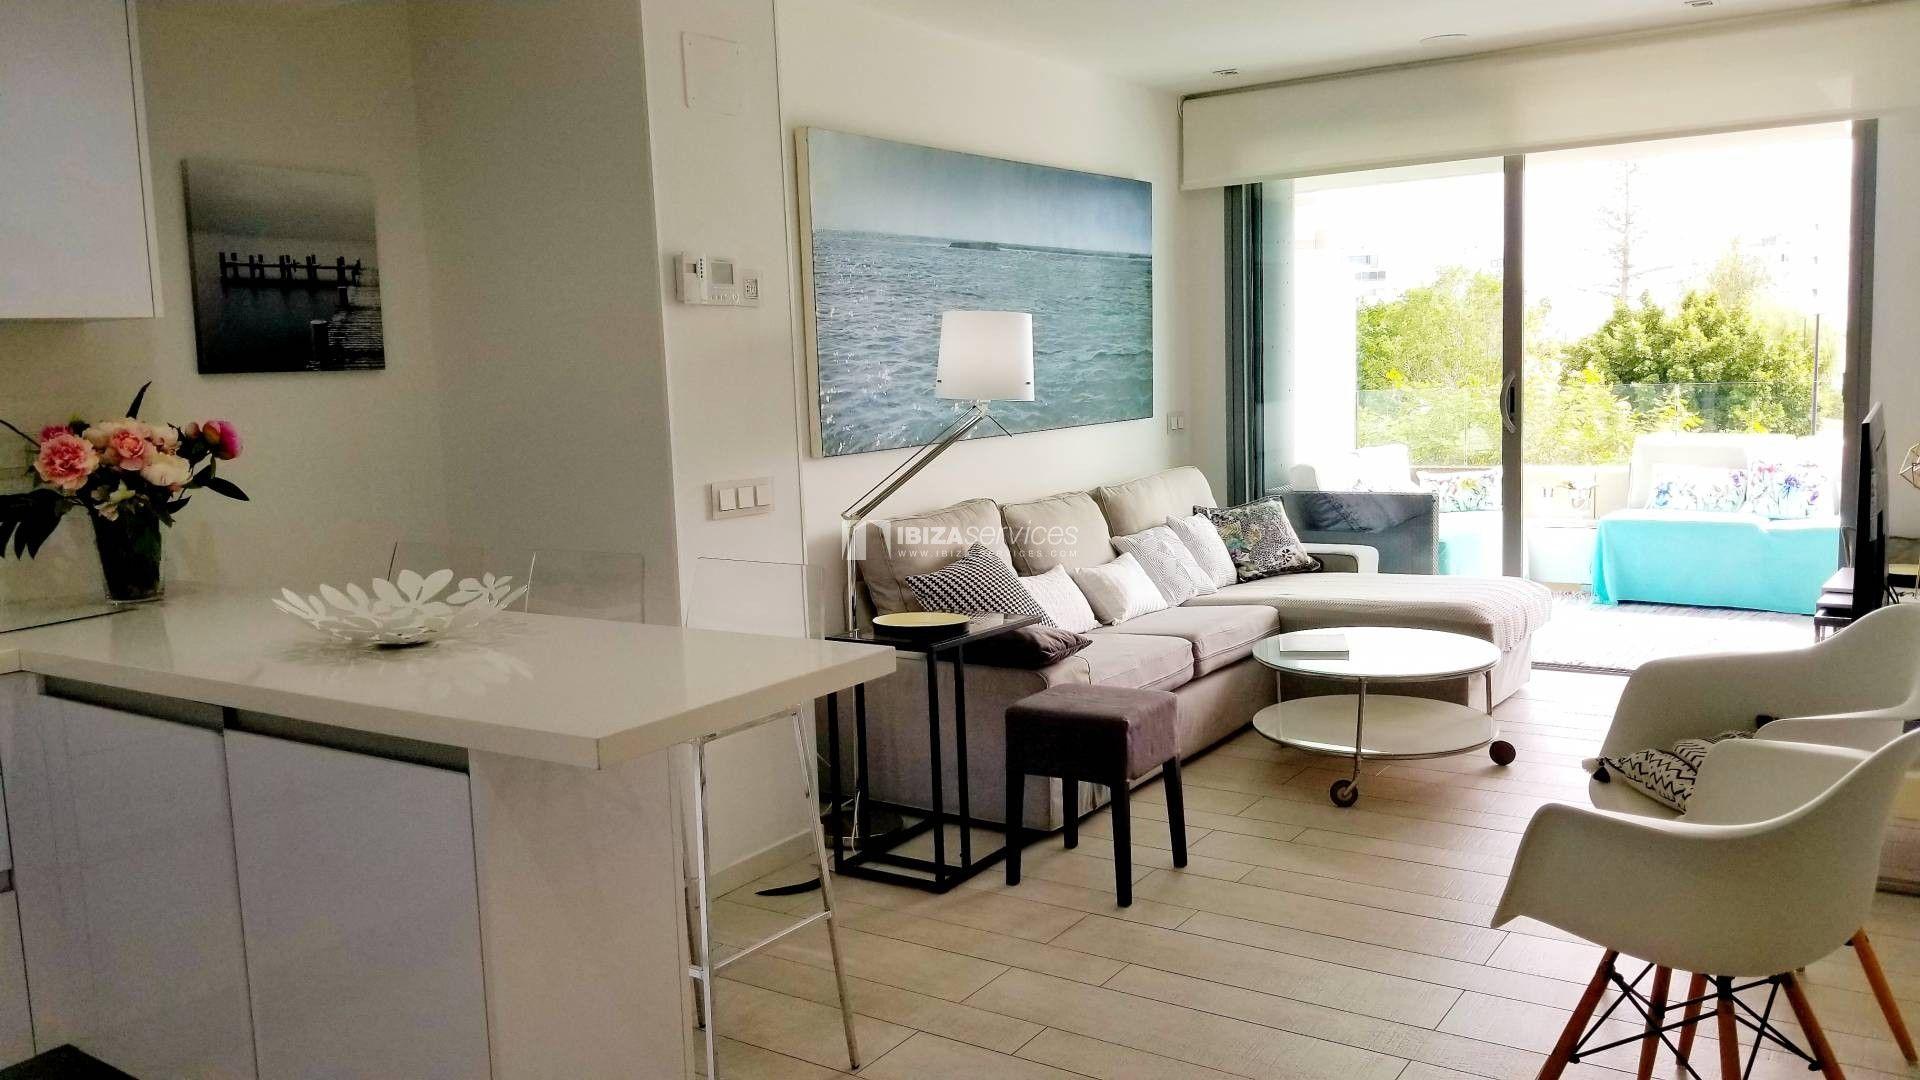 Comprar Apartamento Primera Planta 2 Dormitorios En White Angel Ibiza En 2020 Apartamentos Piso Interiores Dormitorios